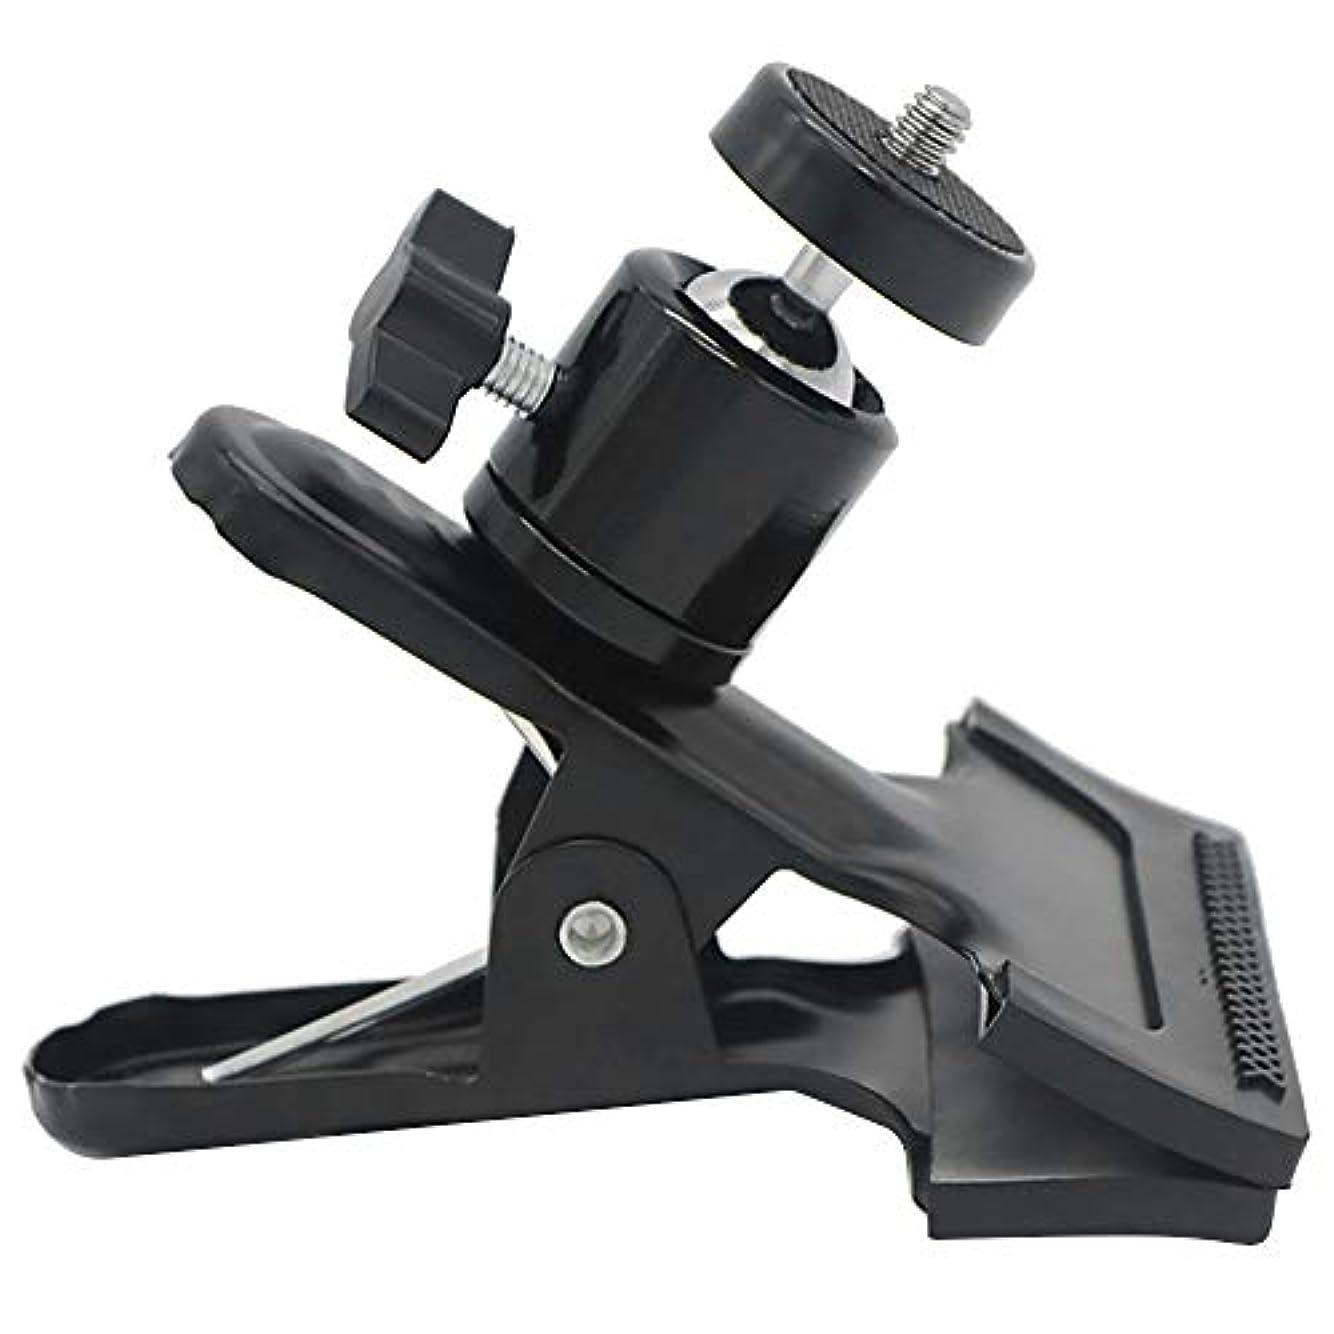 懐聴く検索エンジン最適化クリップ式雲台 カメラクリップ カメラクランプ クリップ カメラホルダー 雲台 強力 撮影用小道具 360度回転 万能クリップ 撮影用クリップ